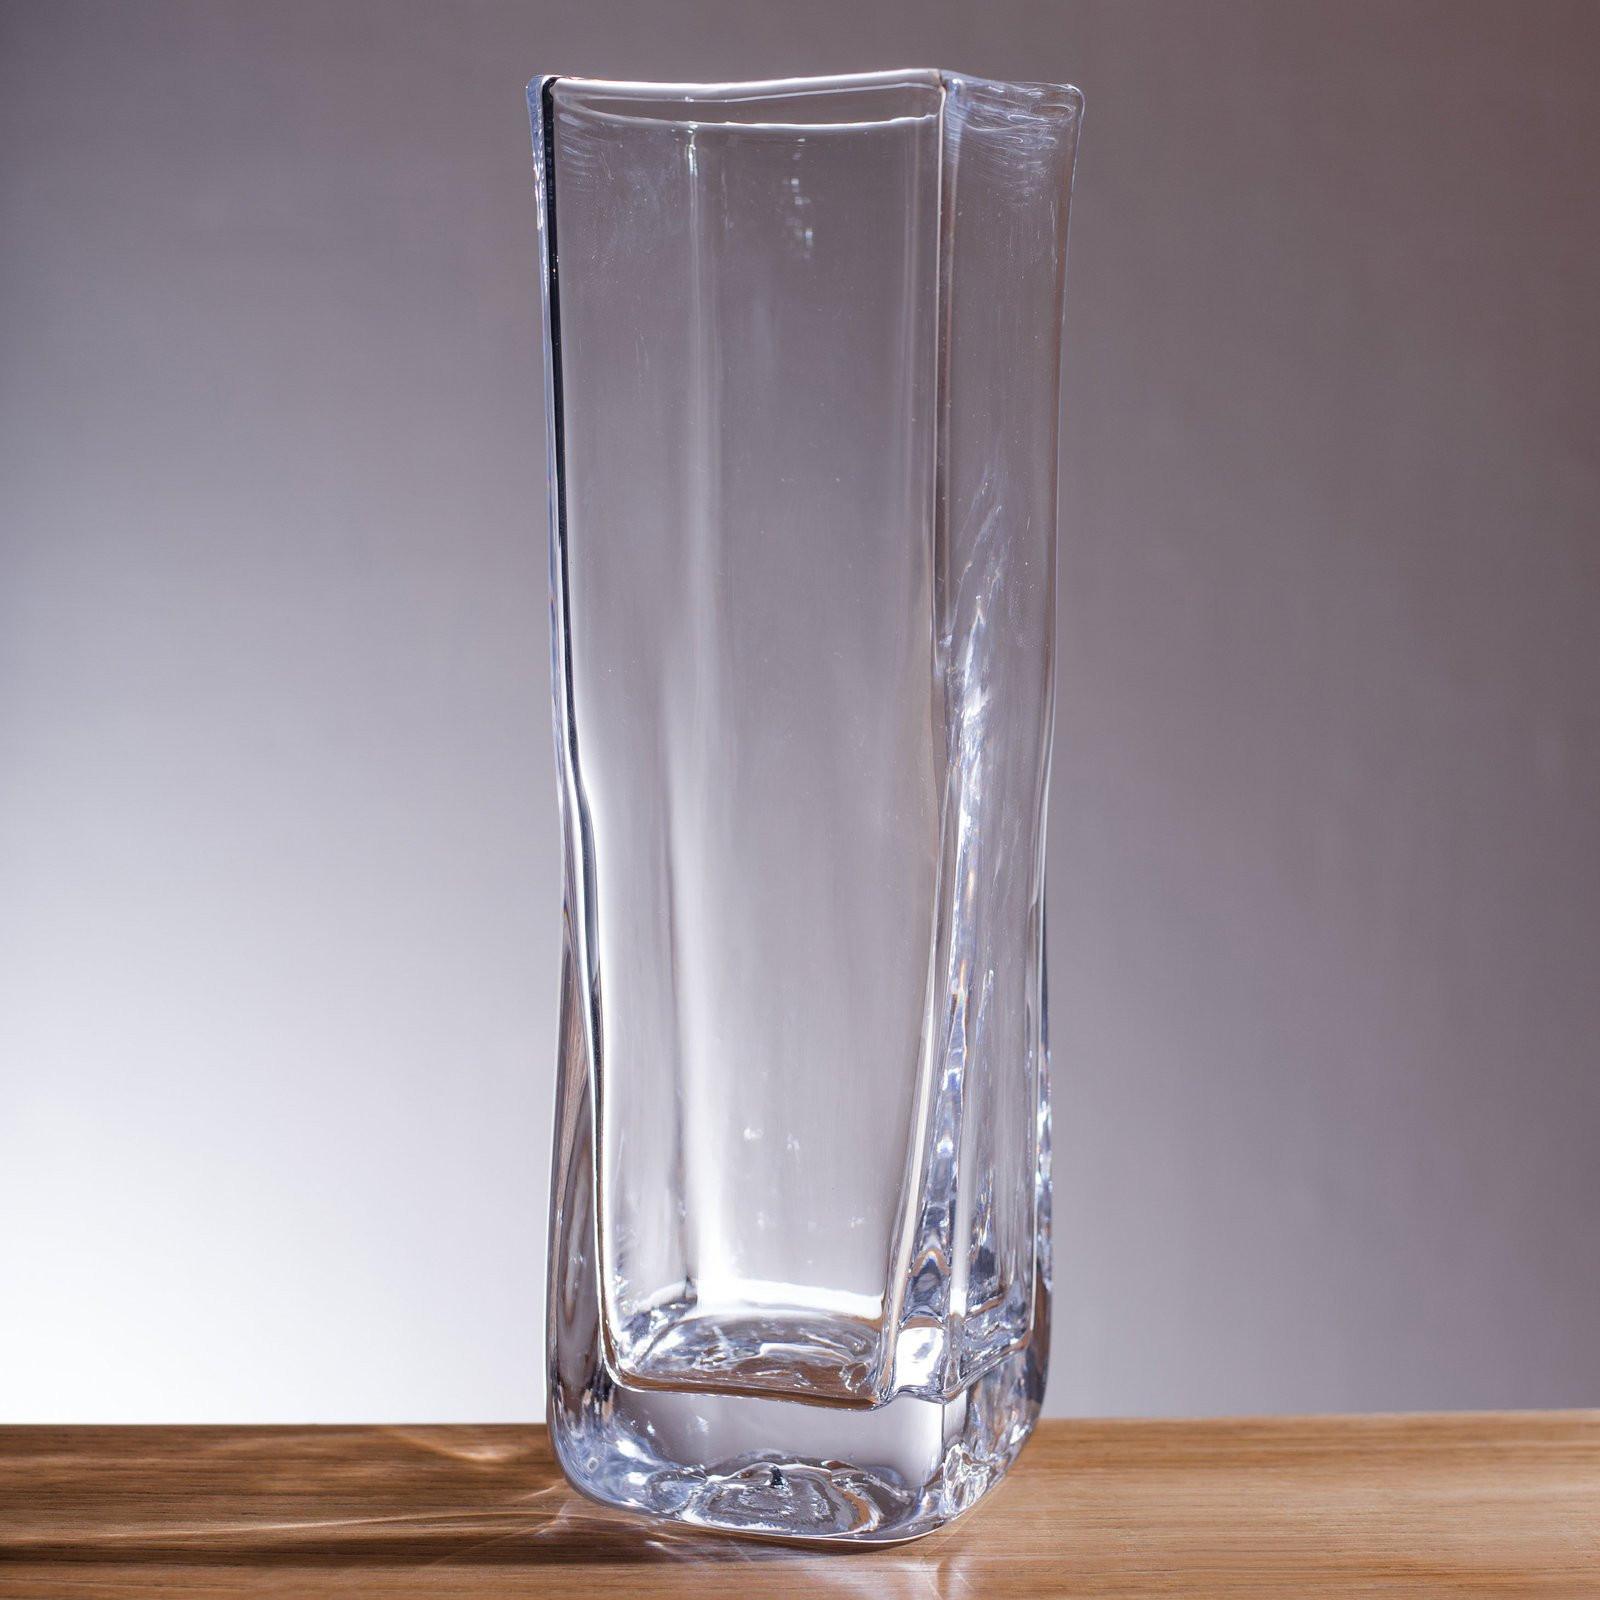 simon pearce woodbury vase of simon pearce woodbury vases crafty yankee for woodbury medium vase